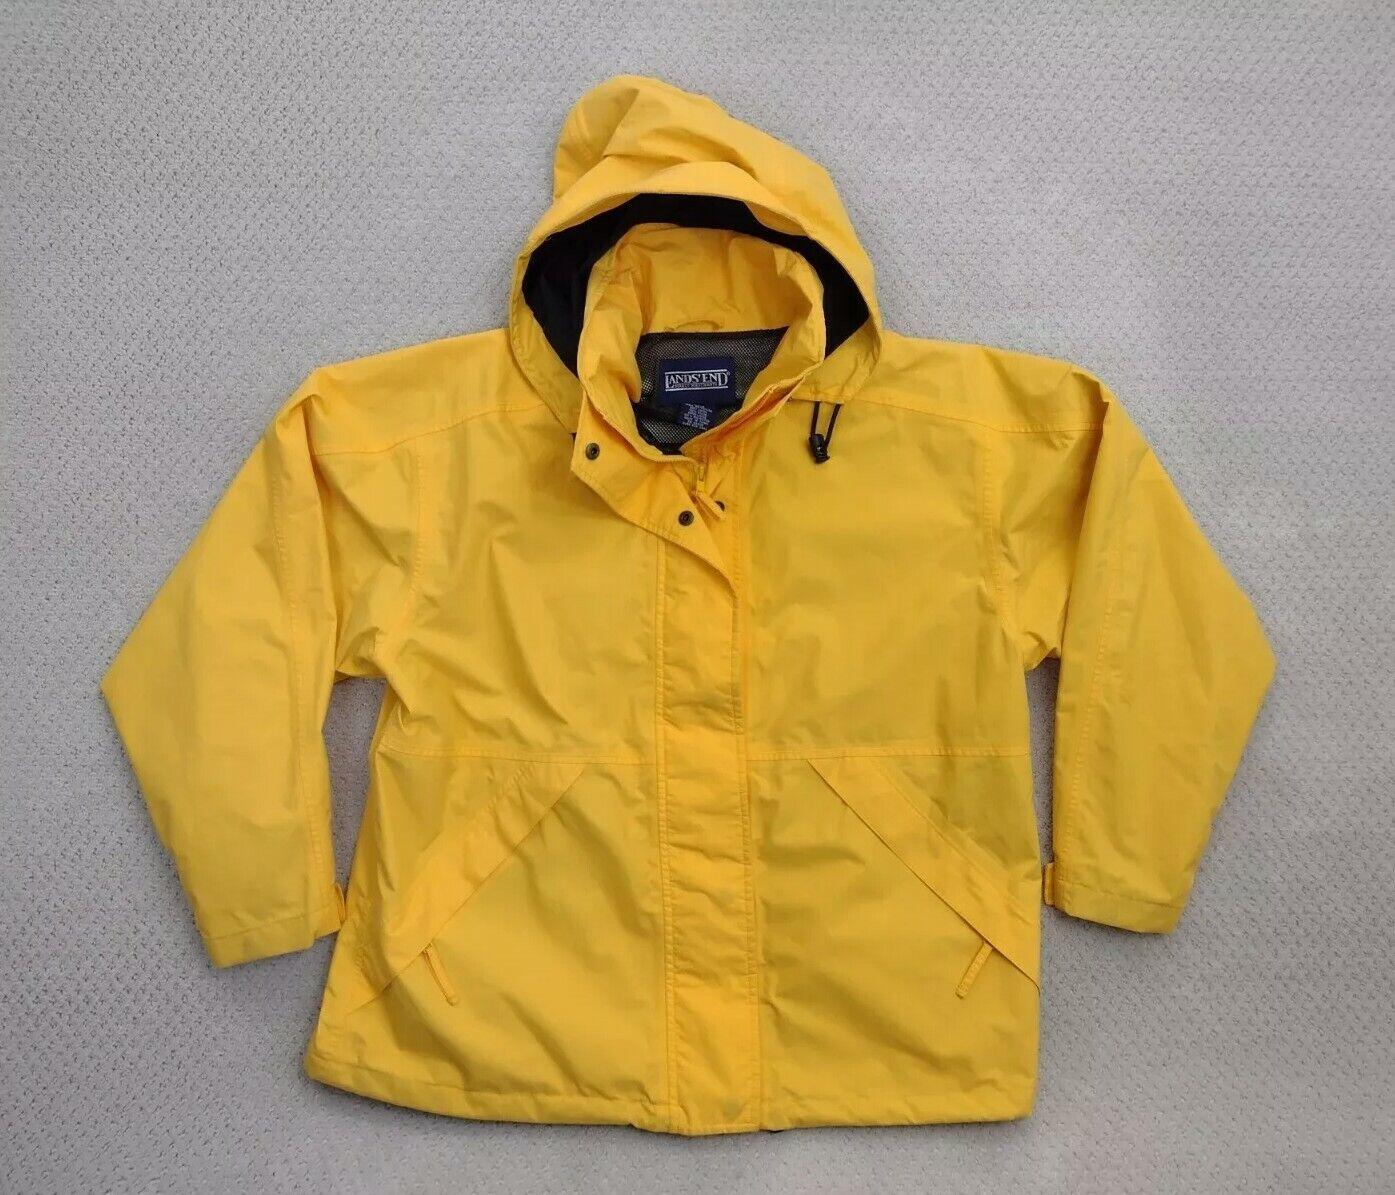 Lands' End Women's Mesh Lined Rain Jacket Yellow Sz Large 14-16 Windbreaker